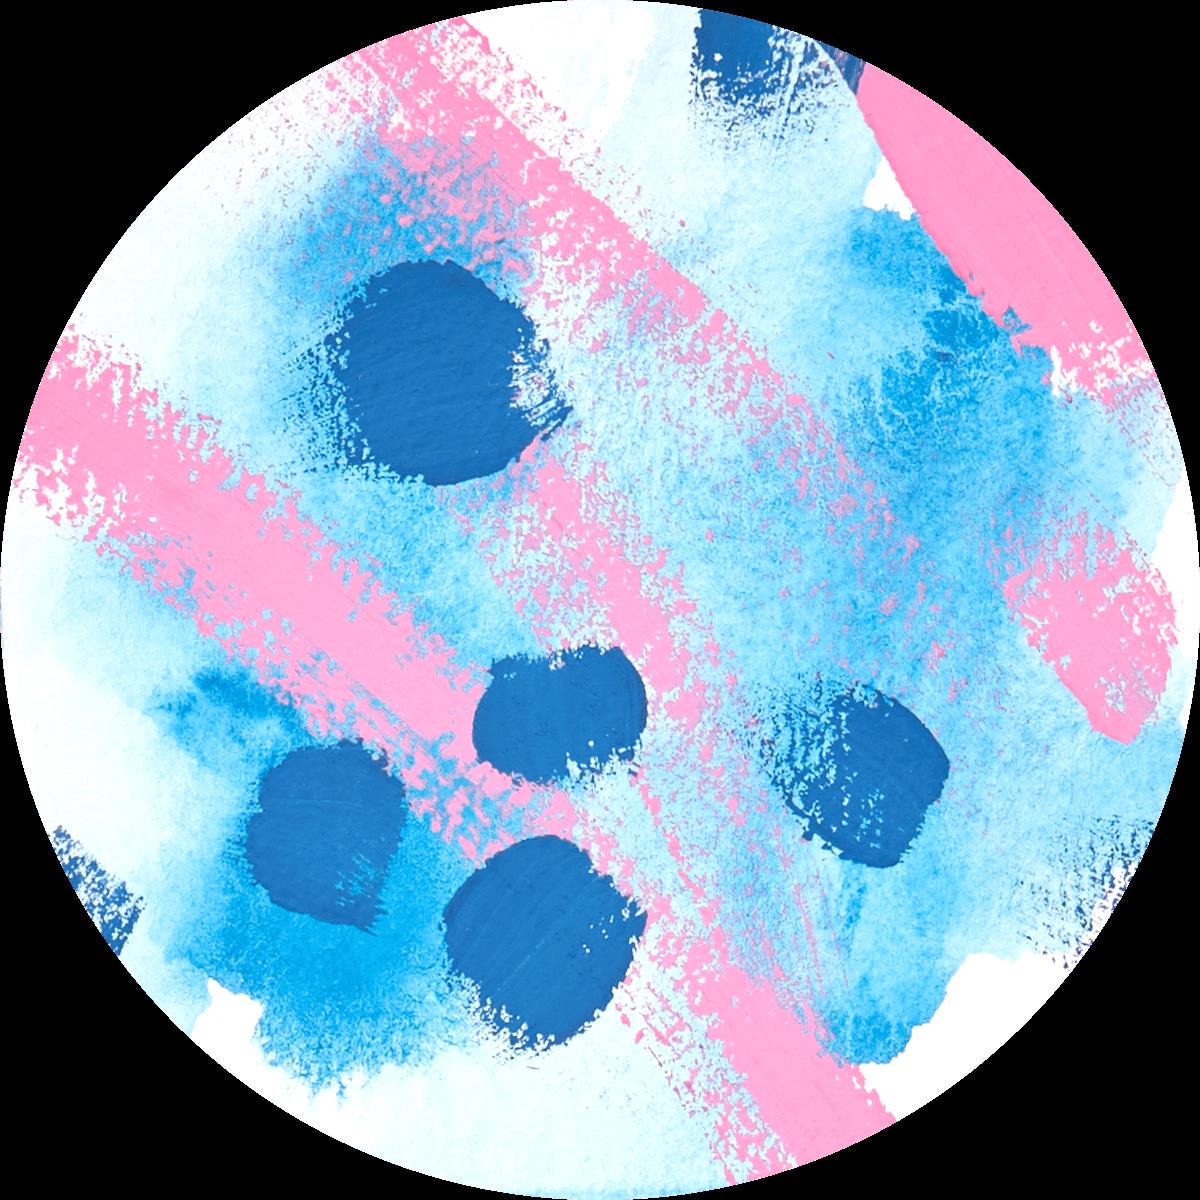 Watercolor + Gouache Technique